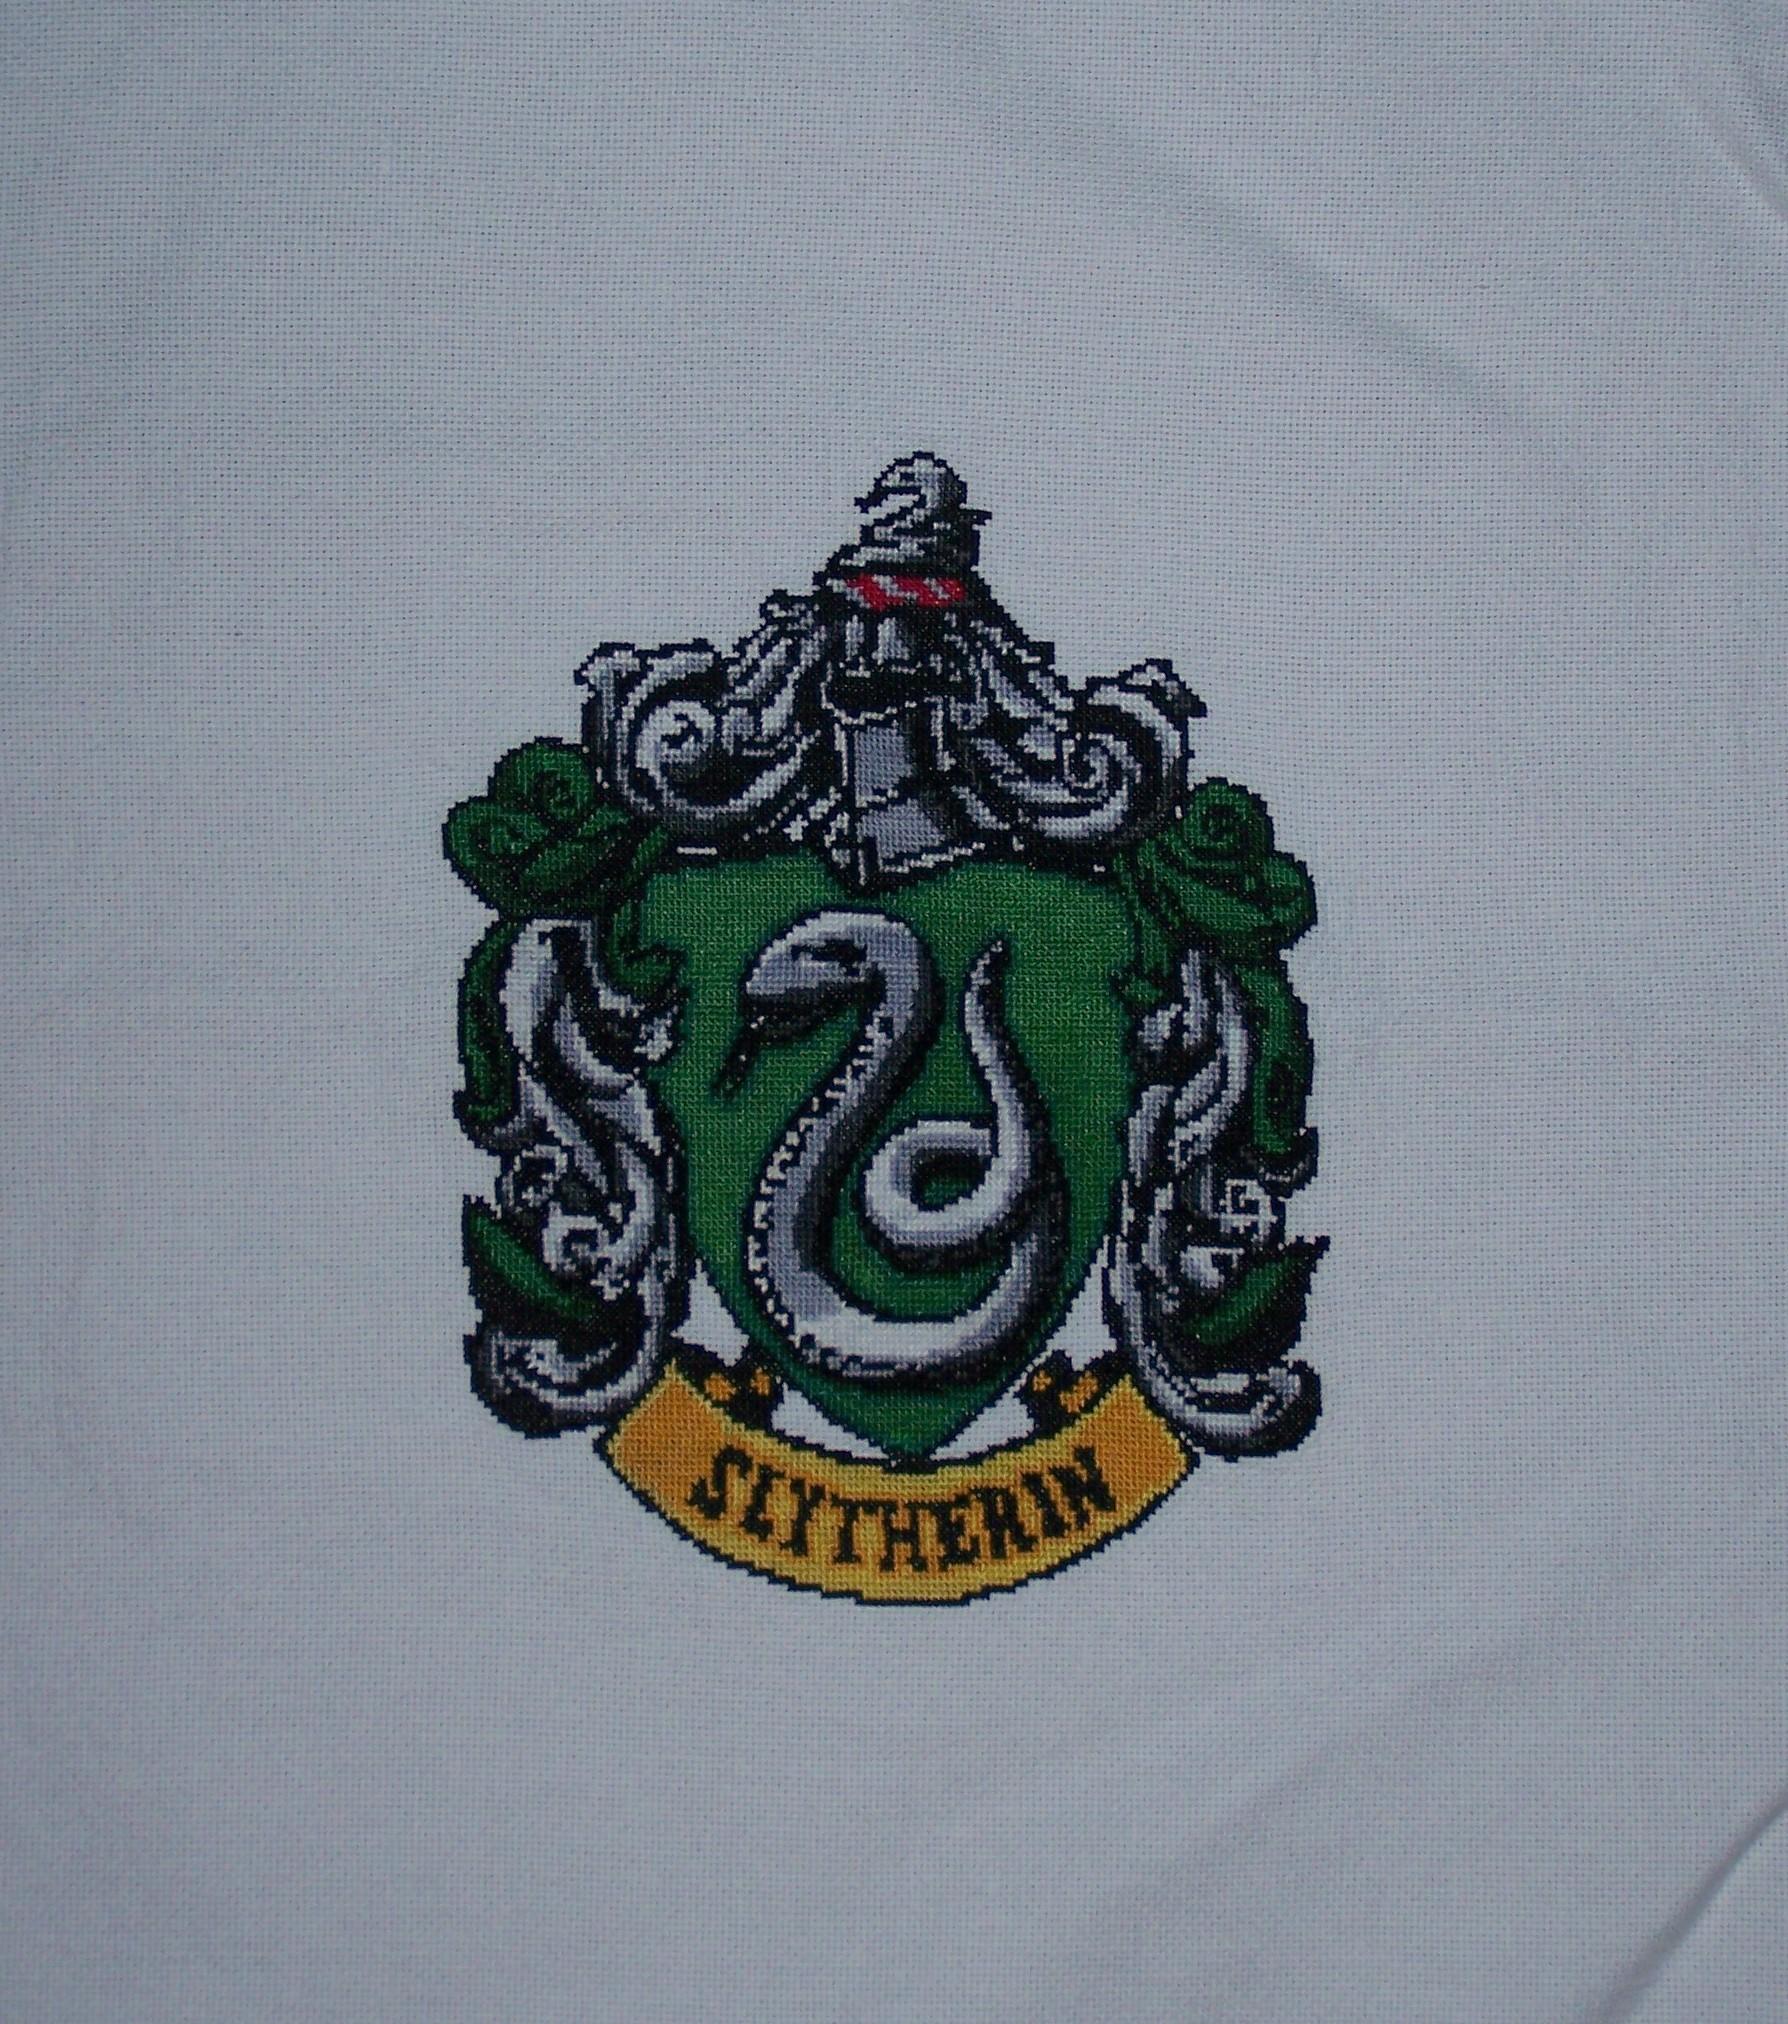 Slytherin Crest by Jess-MacGowan Slytherin Crest by Jess-MacGowan